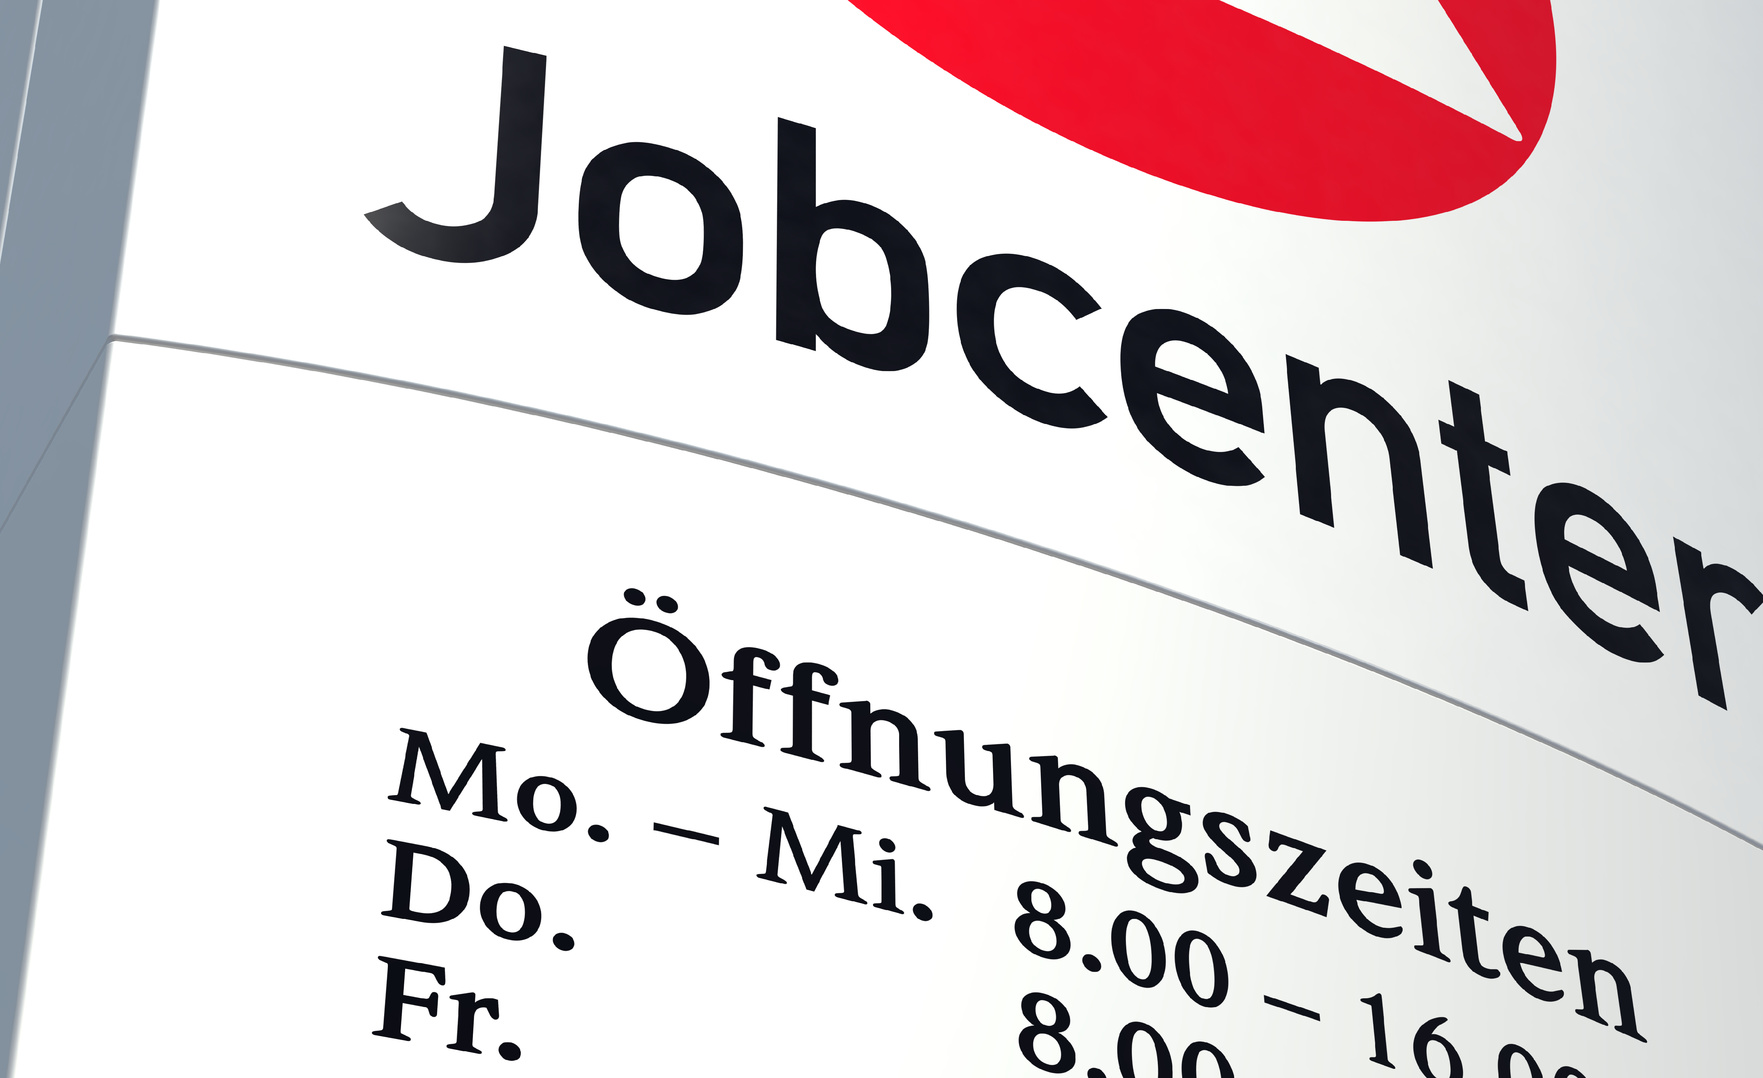 Hartz-IV-Ärger wegen Jobcenter-Schlamperei